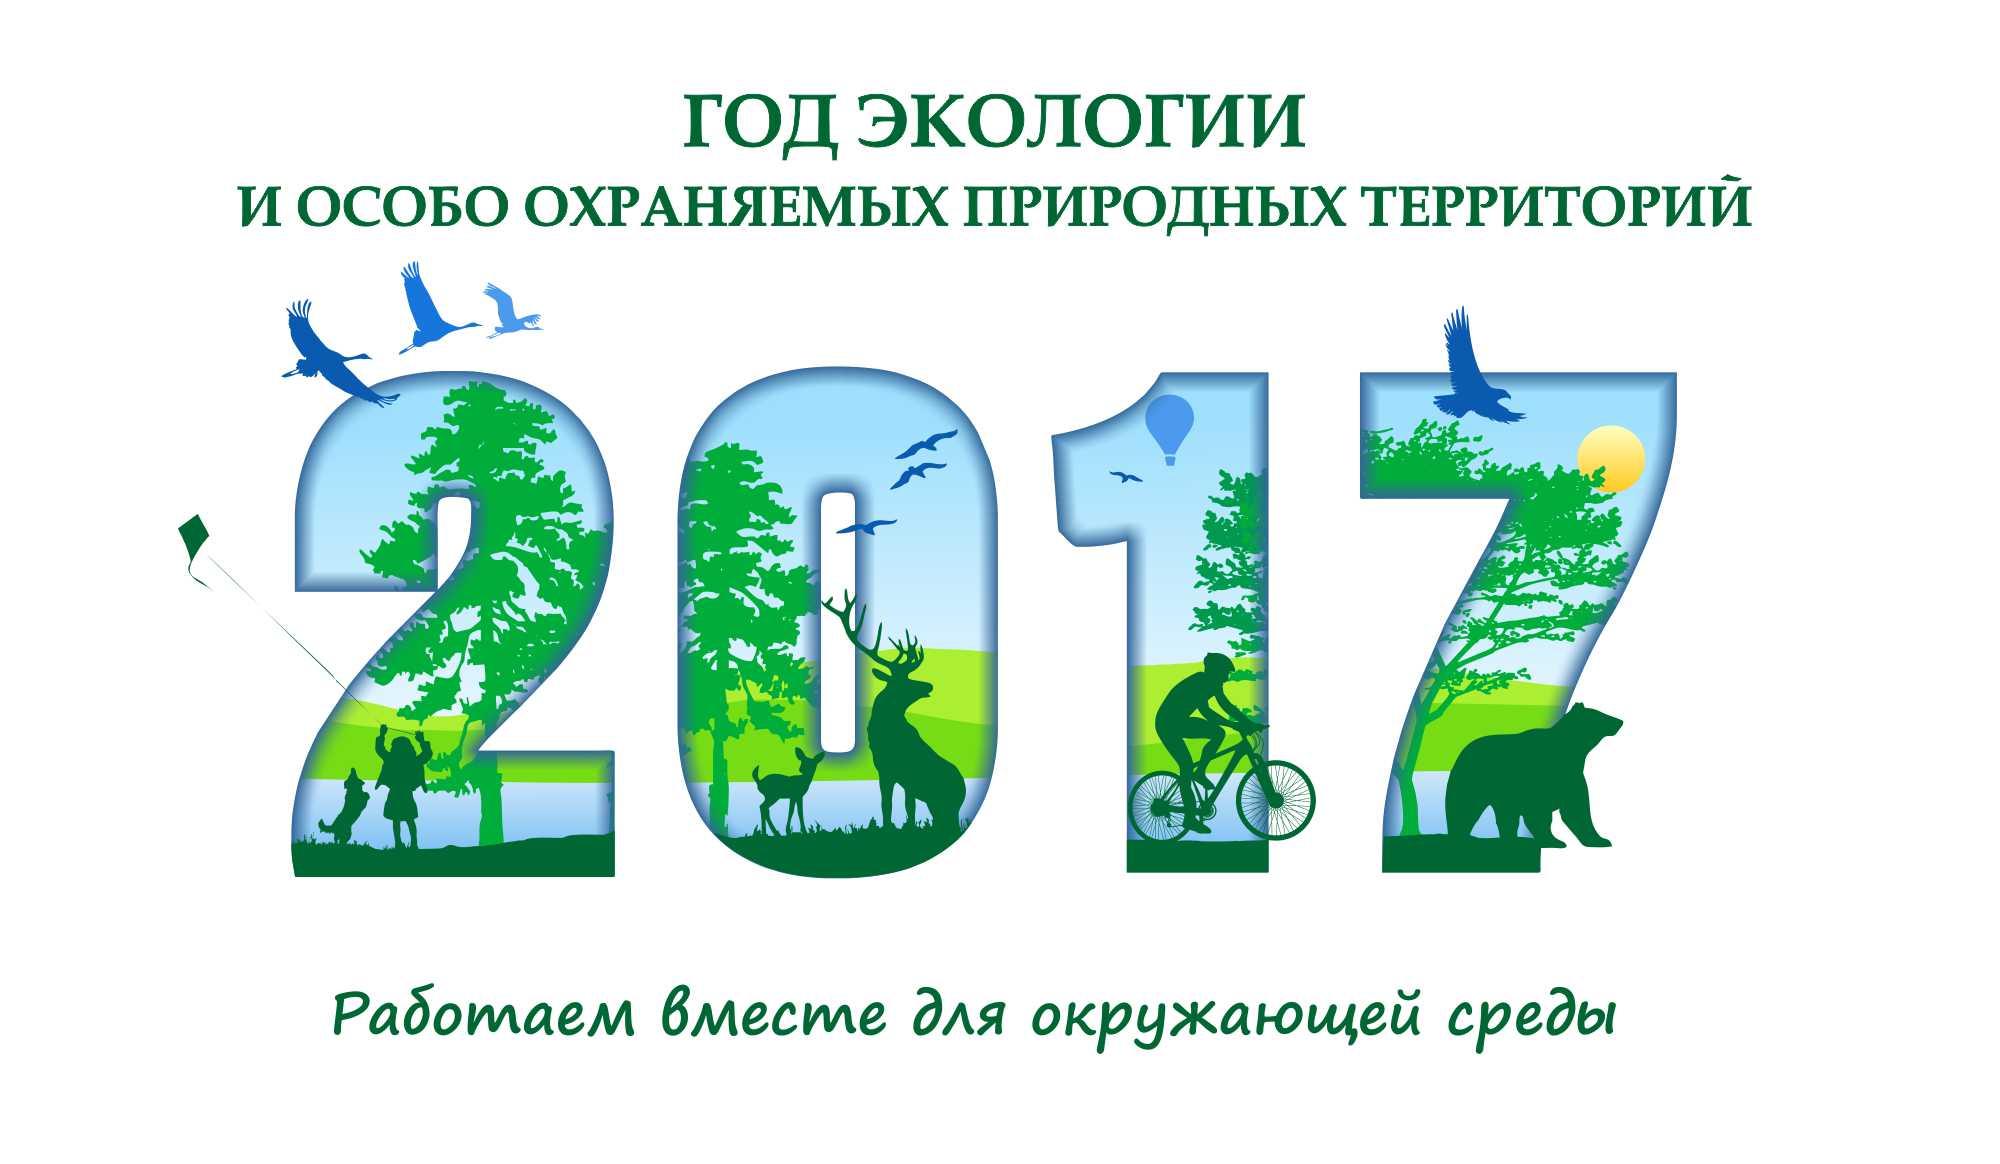 картинки к году экологии